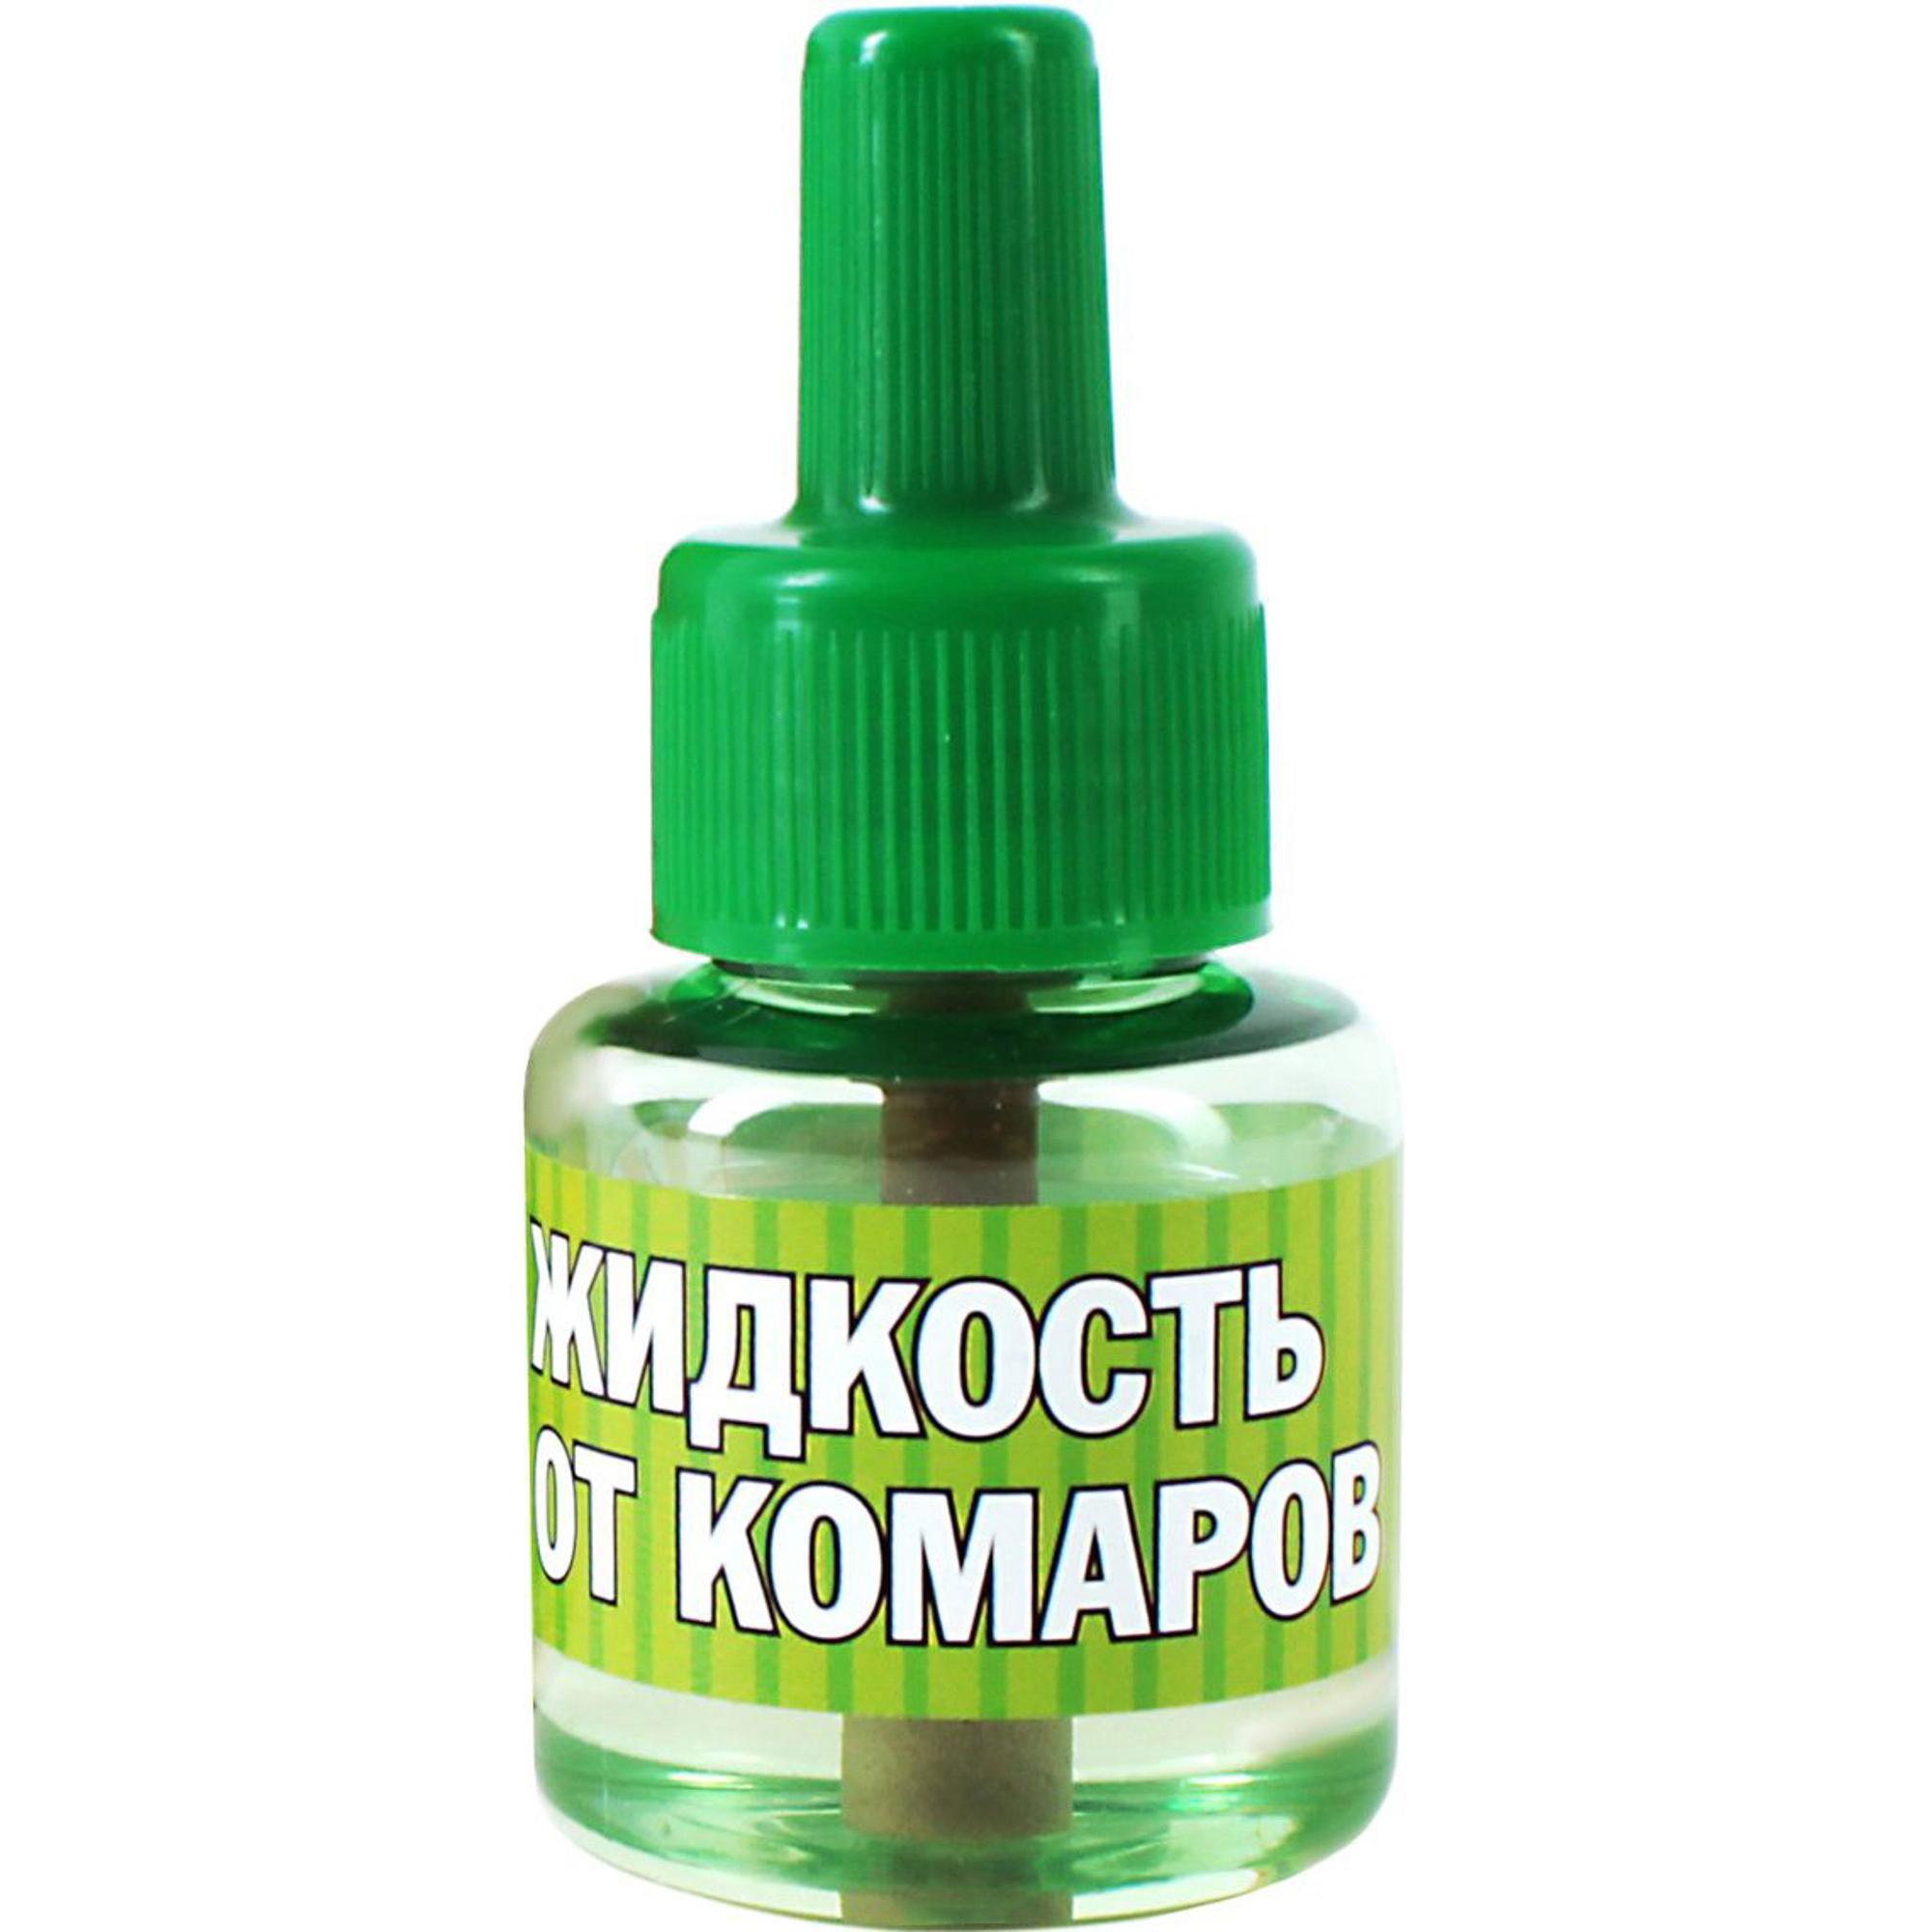 Жидкость от комаров для фумигатора Кинкила 30 ночей фото